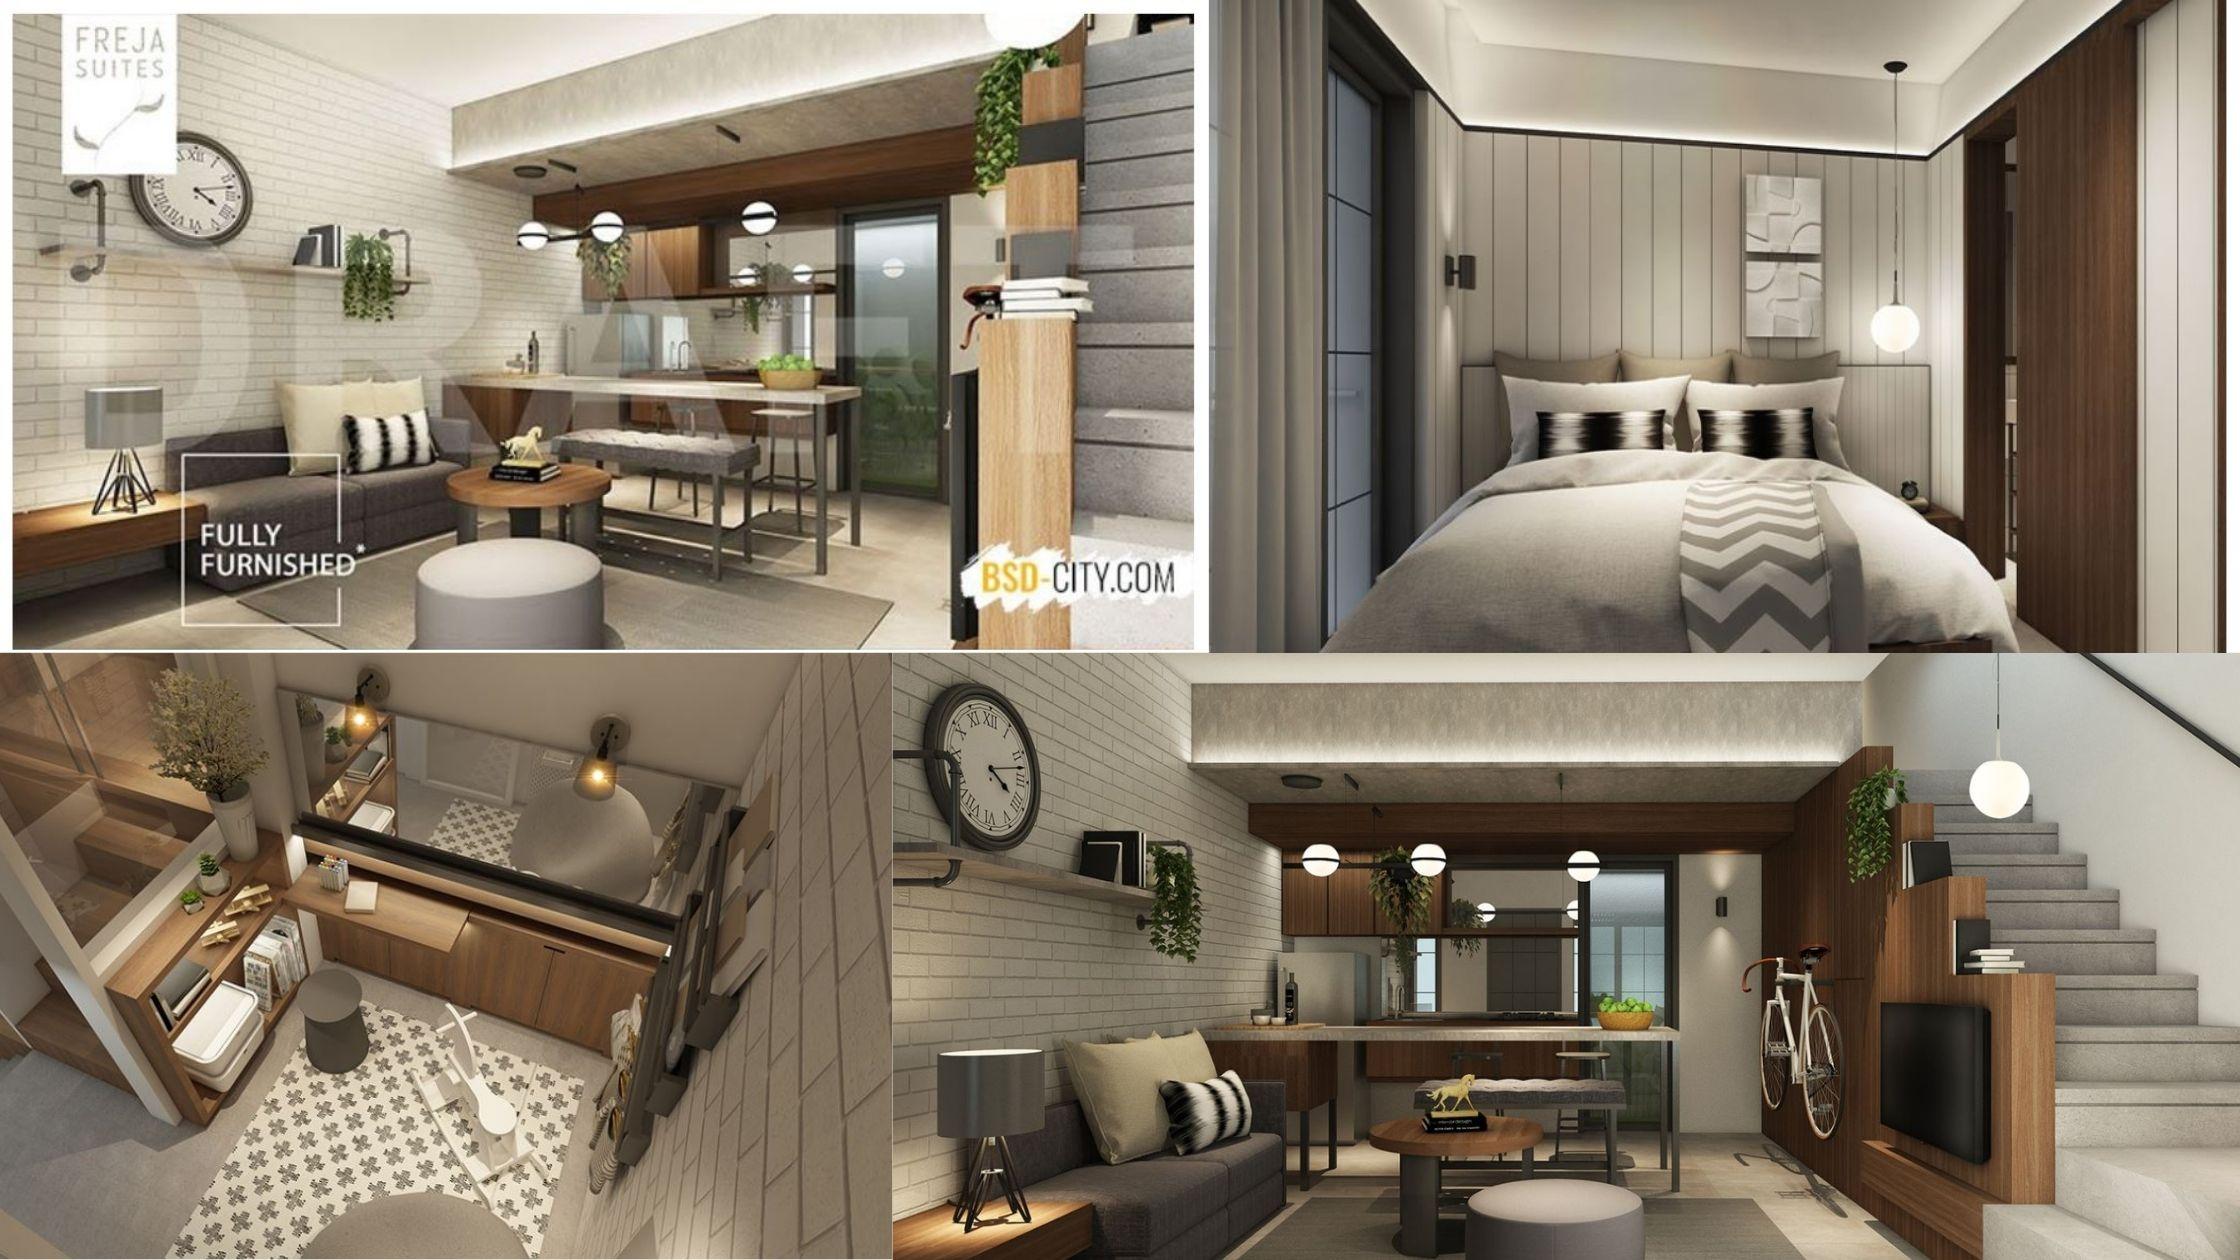 Fully Interior di Freja Suites BSD City